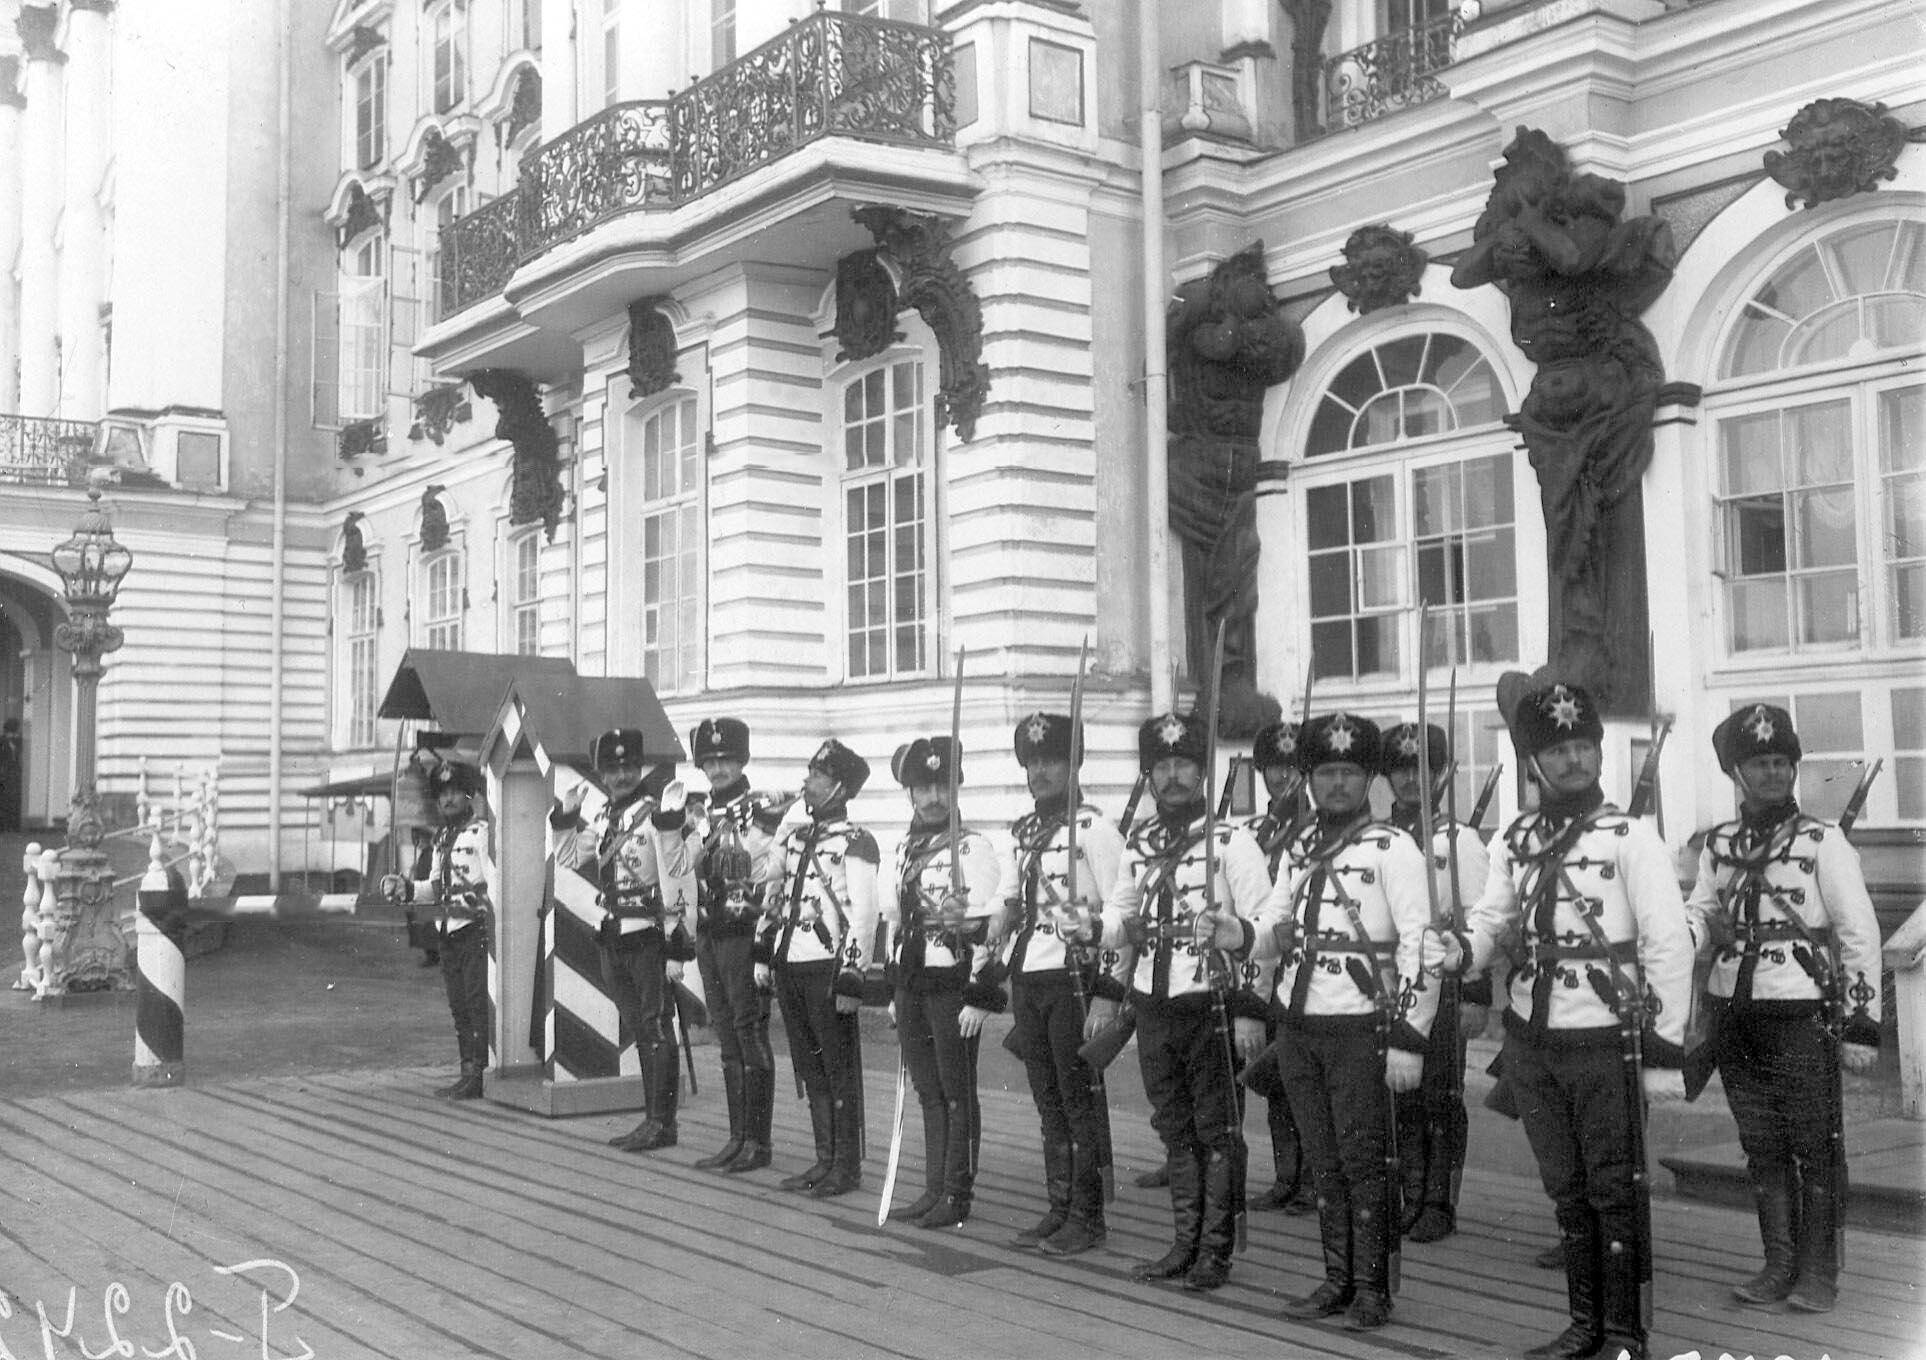 1905. Развод караула лейб-гвардии Гусарского Его Величества полка на плацу перед Большим Екатерининским дворцом. 21 апреля